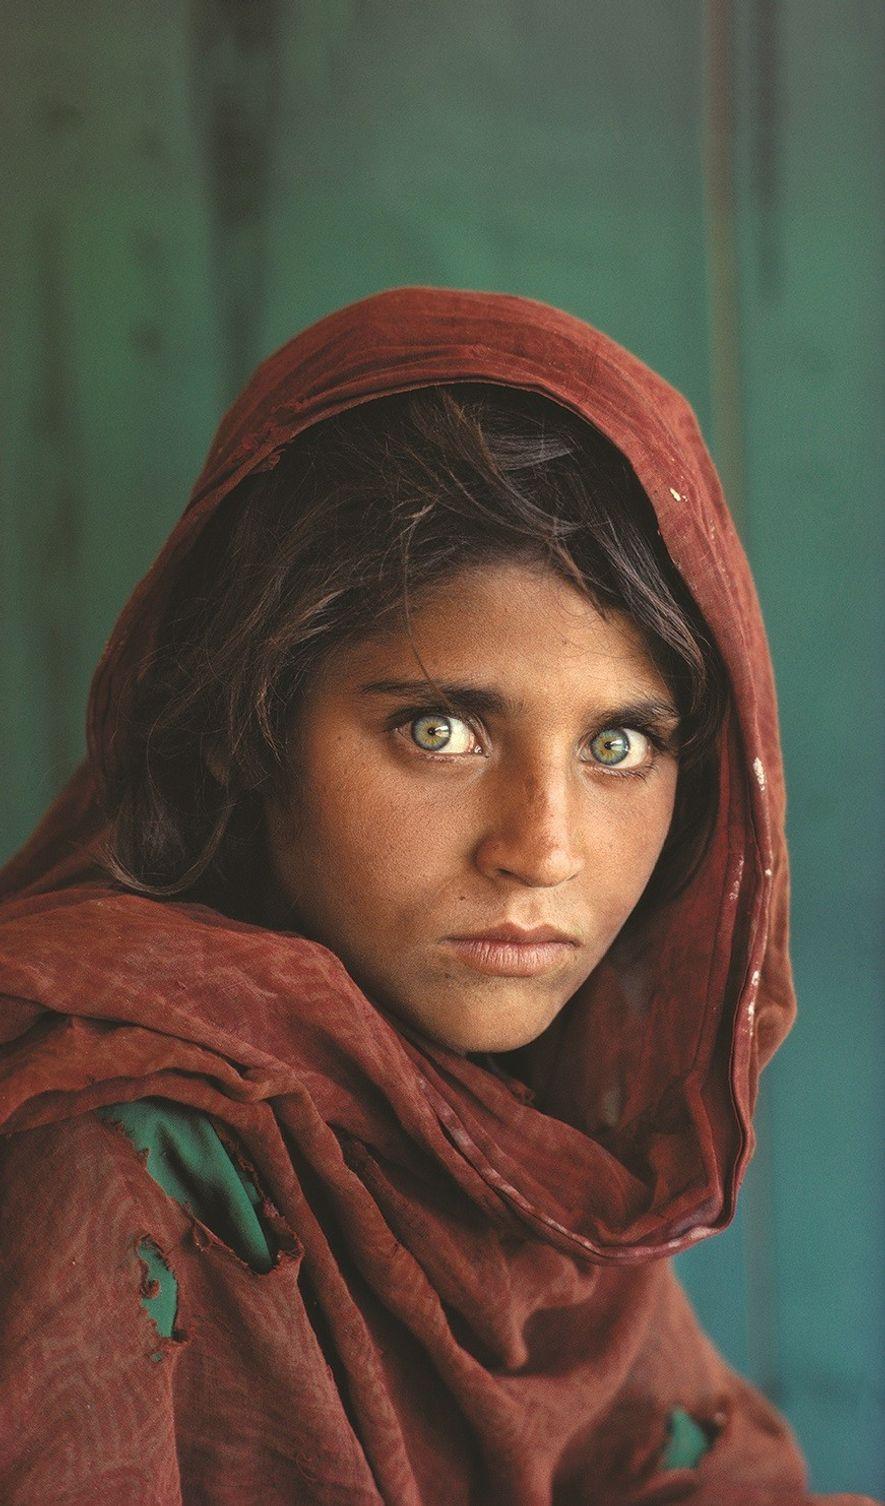 """Icónico retrato de Sharbat Gula, conocida como """"niña afgana"""" y """"mujer afgana"""", una huérfana fotografiada por ..."""